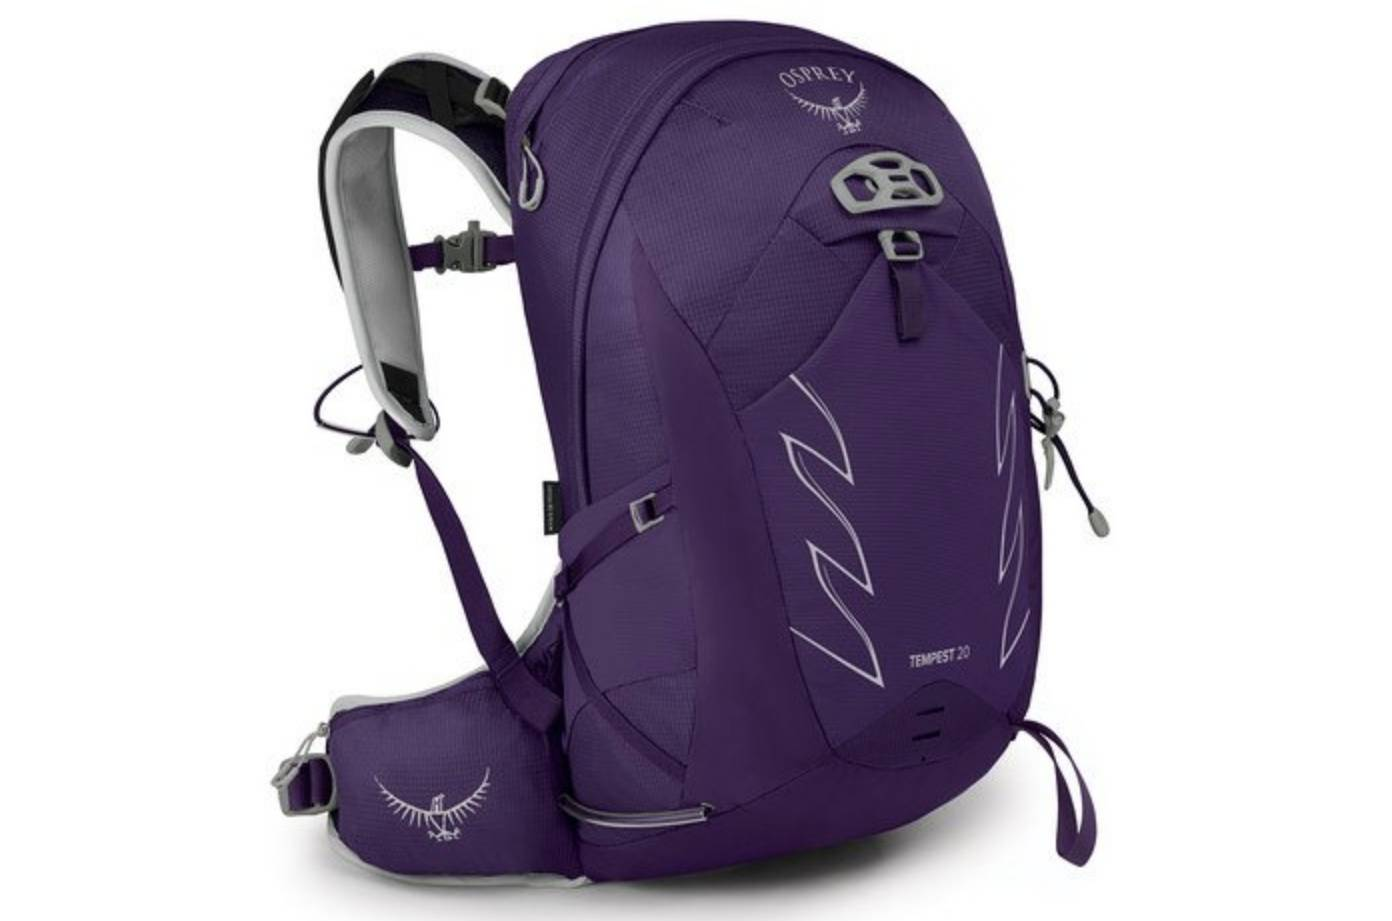 tempest 20 women's day pack in dark purple